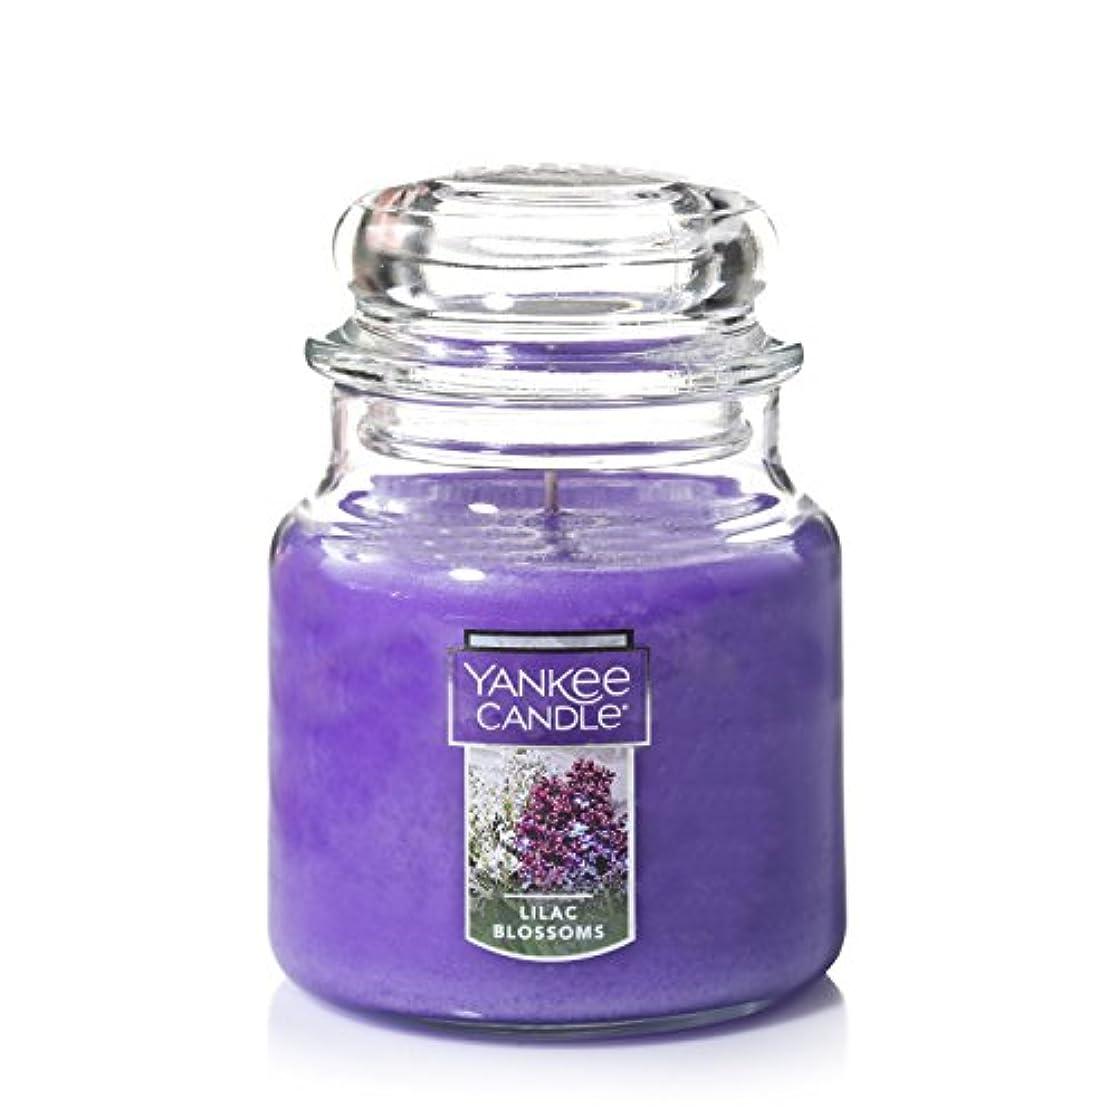 探検成熟知的Yankee CandleライラックBlossoms Medium Jar 14.5oz Candle One パープル 1006996